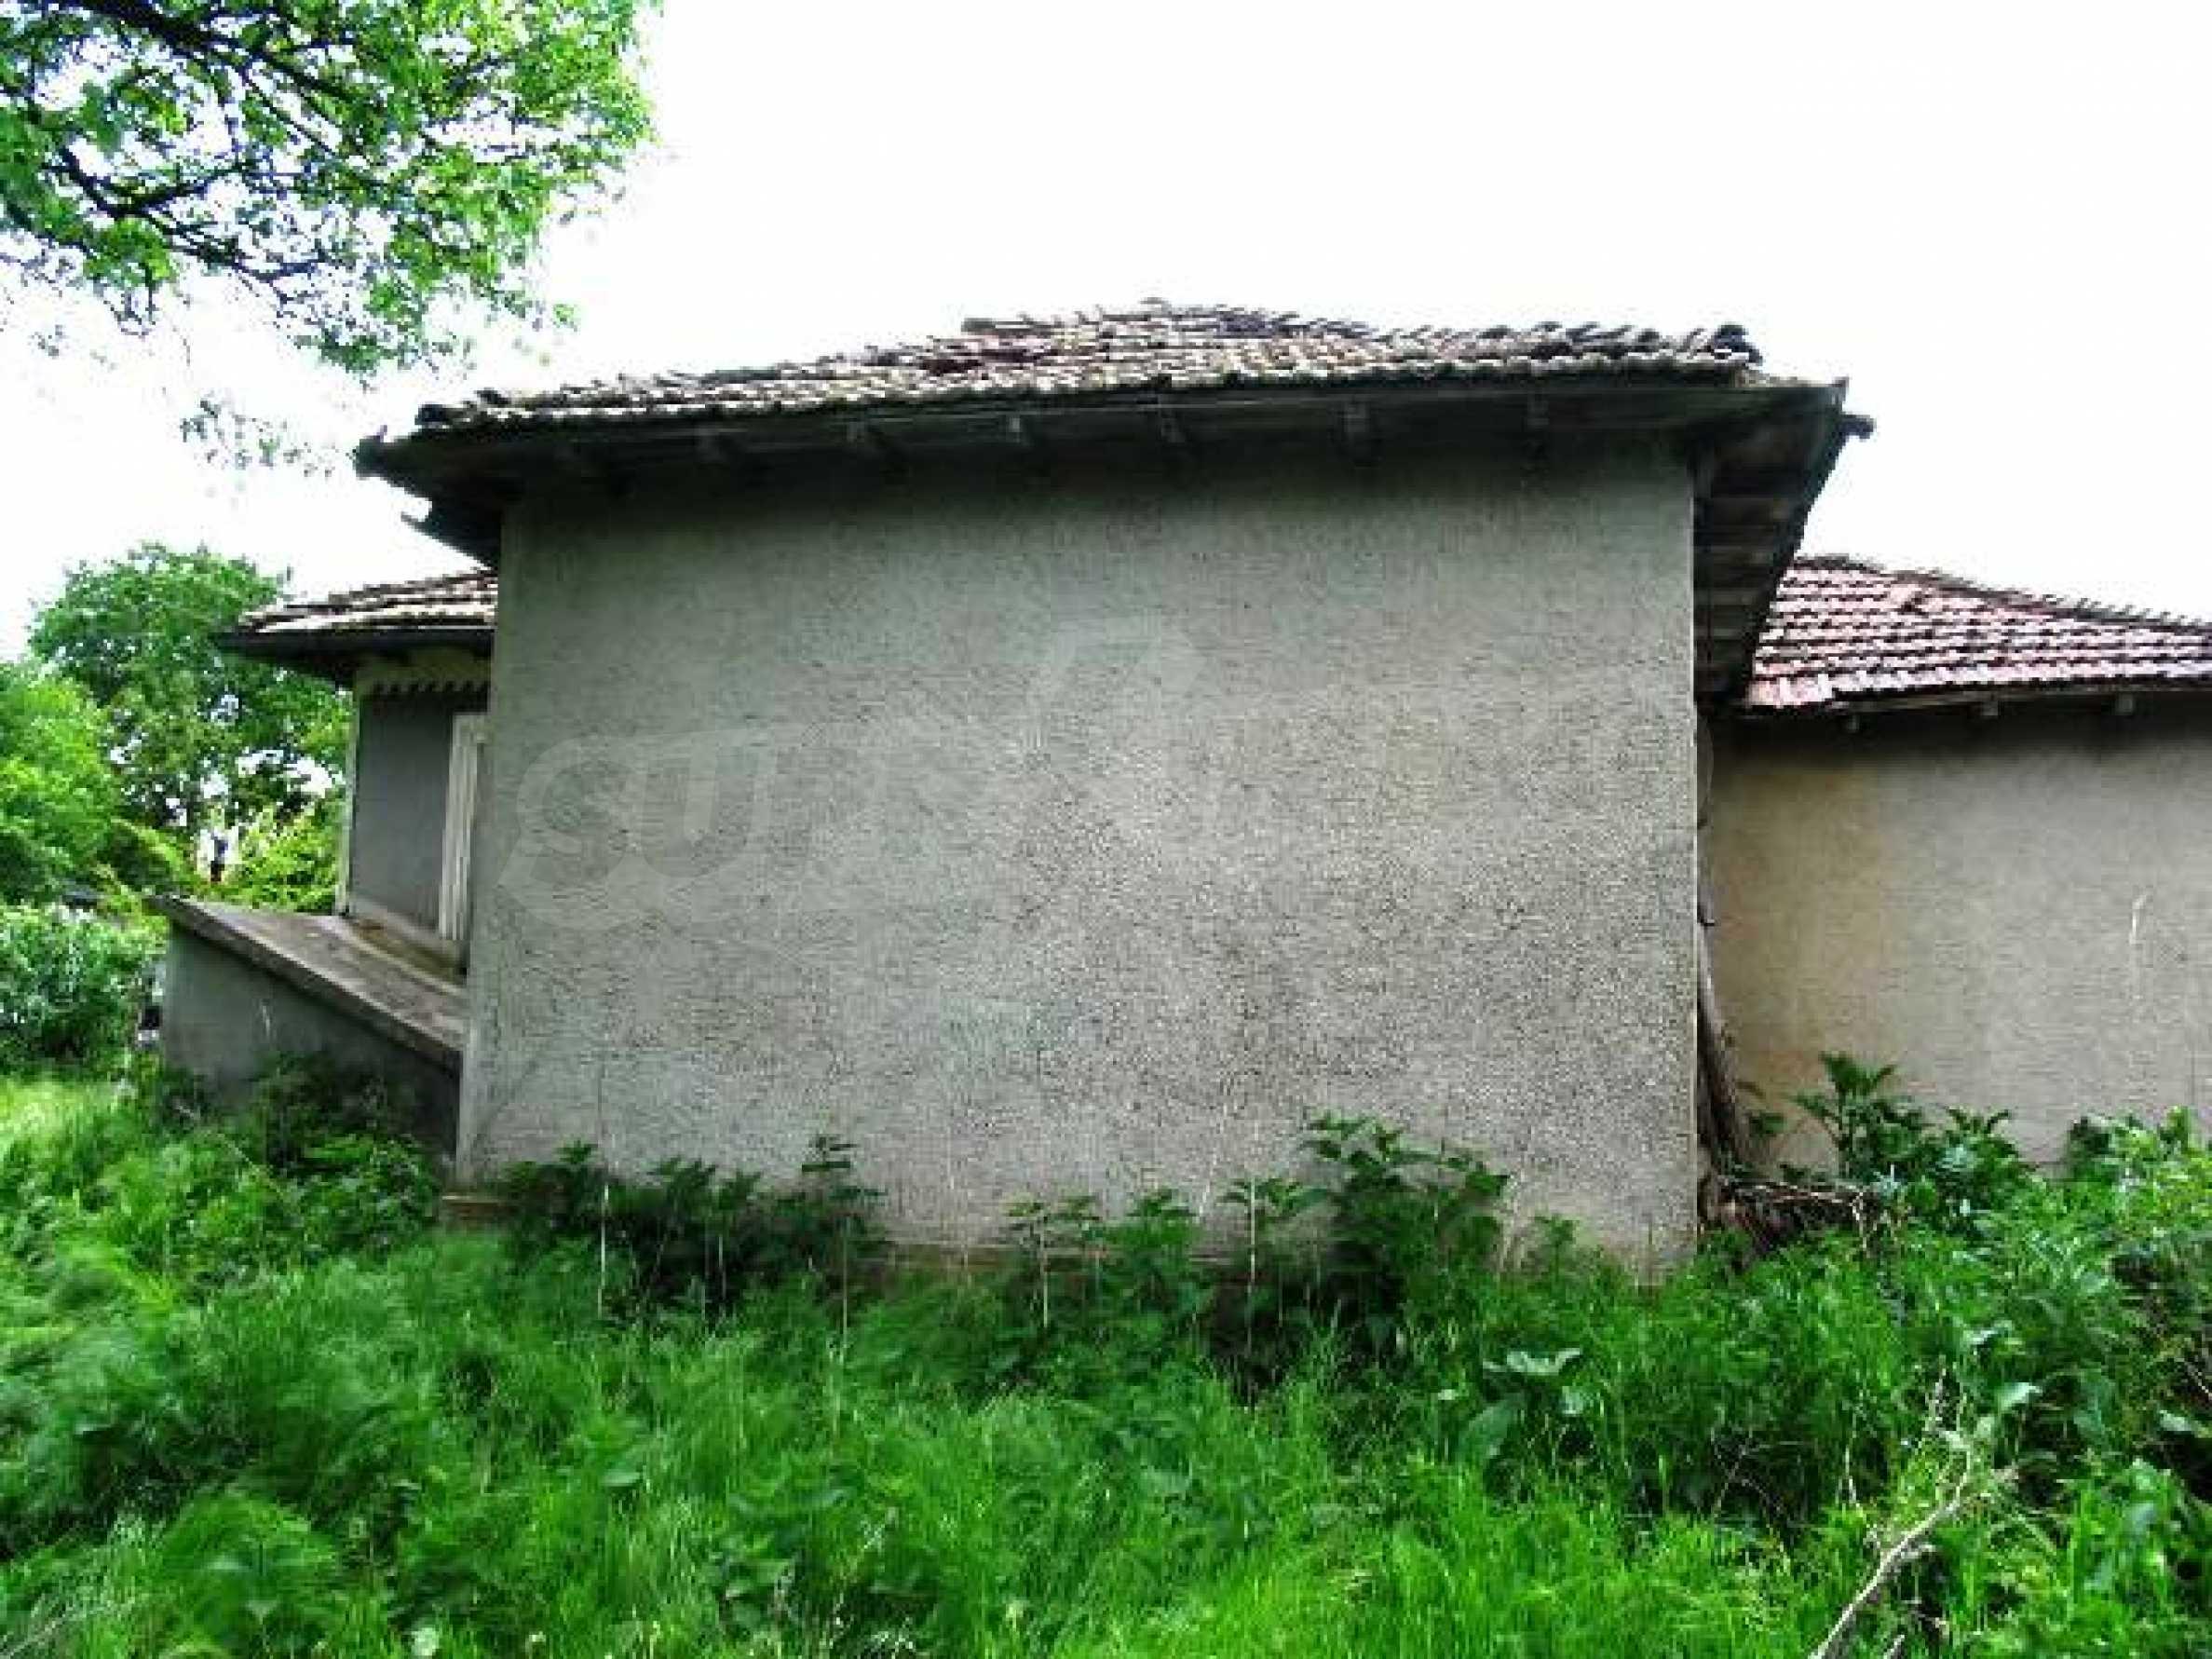 House for sale in Zementsi village near by Romanian border 4